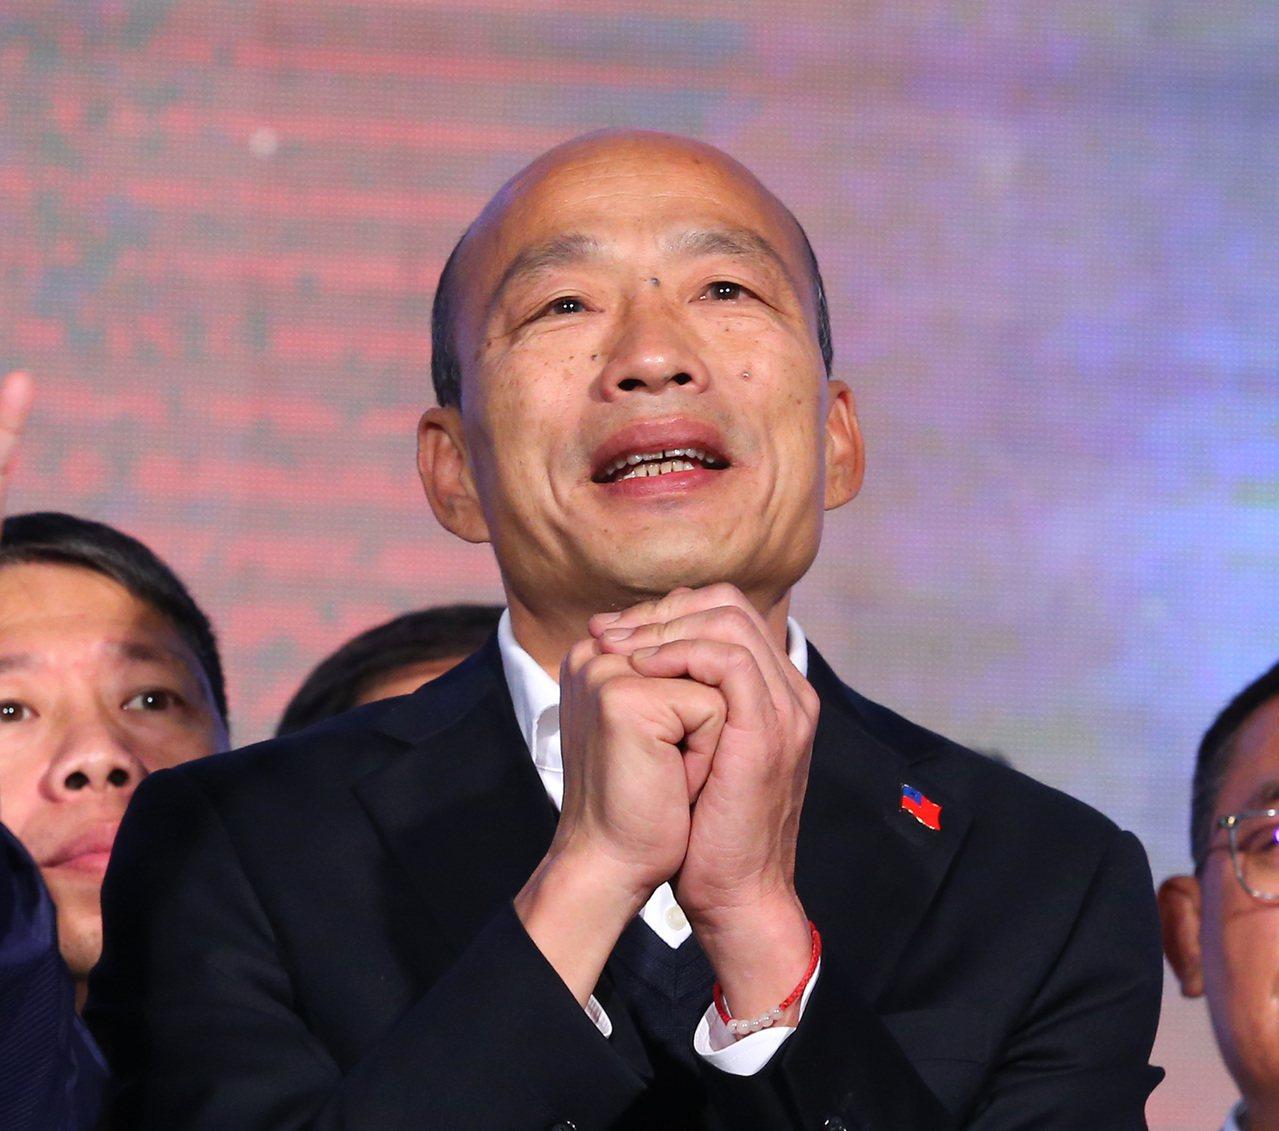 高雄市長韓國瑜在2020總統大選中落敗。聯合報系資料照片/記者林澔一攝影